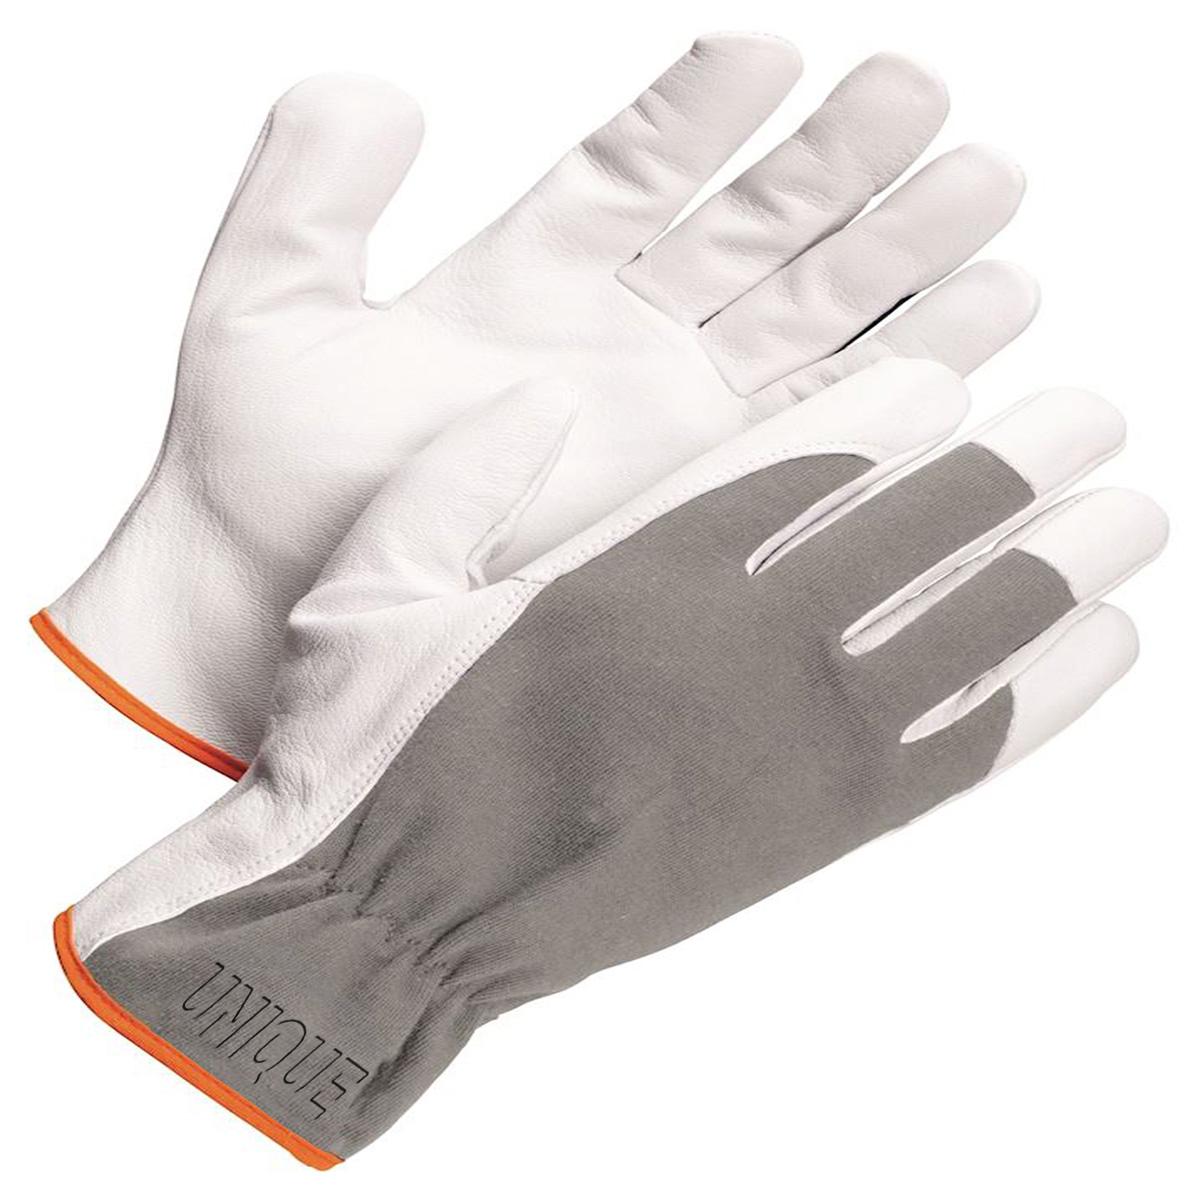 Goat Skin Leather Glove Glove Grey Fabric